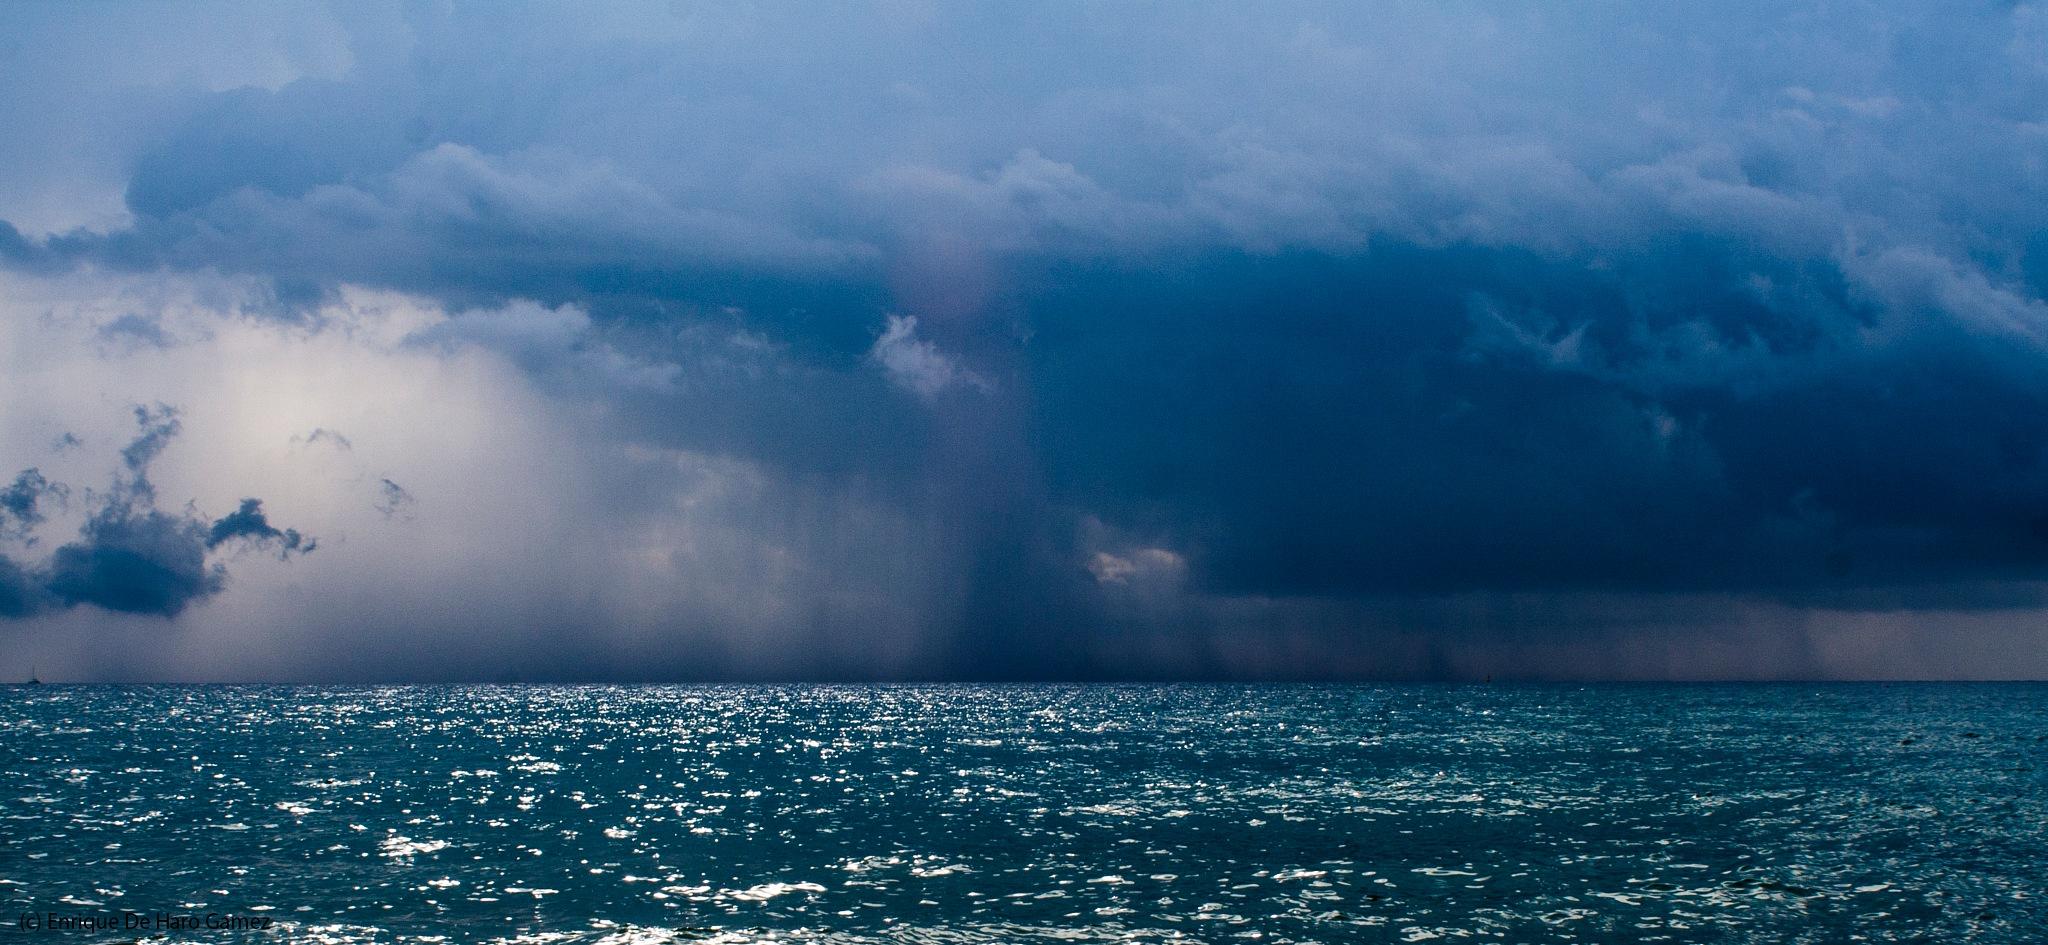 A storm of beauty (1-5) by Enrique de haro gamez